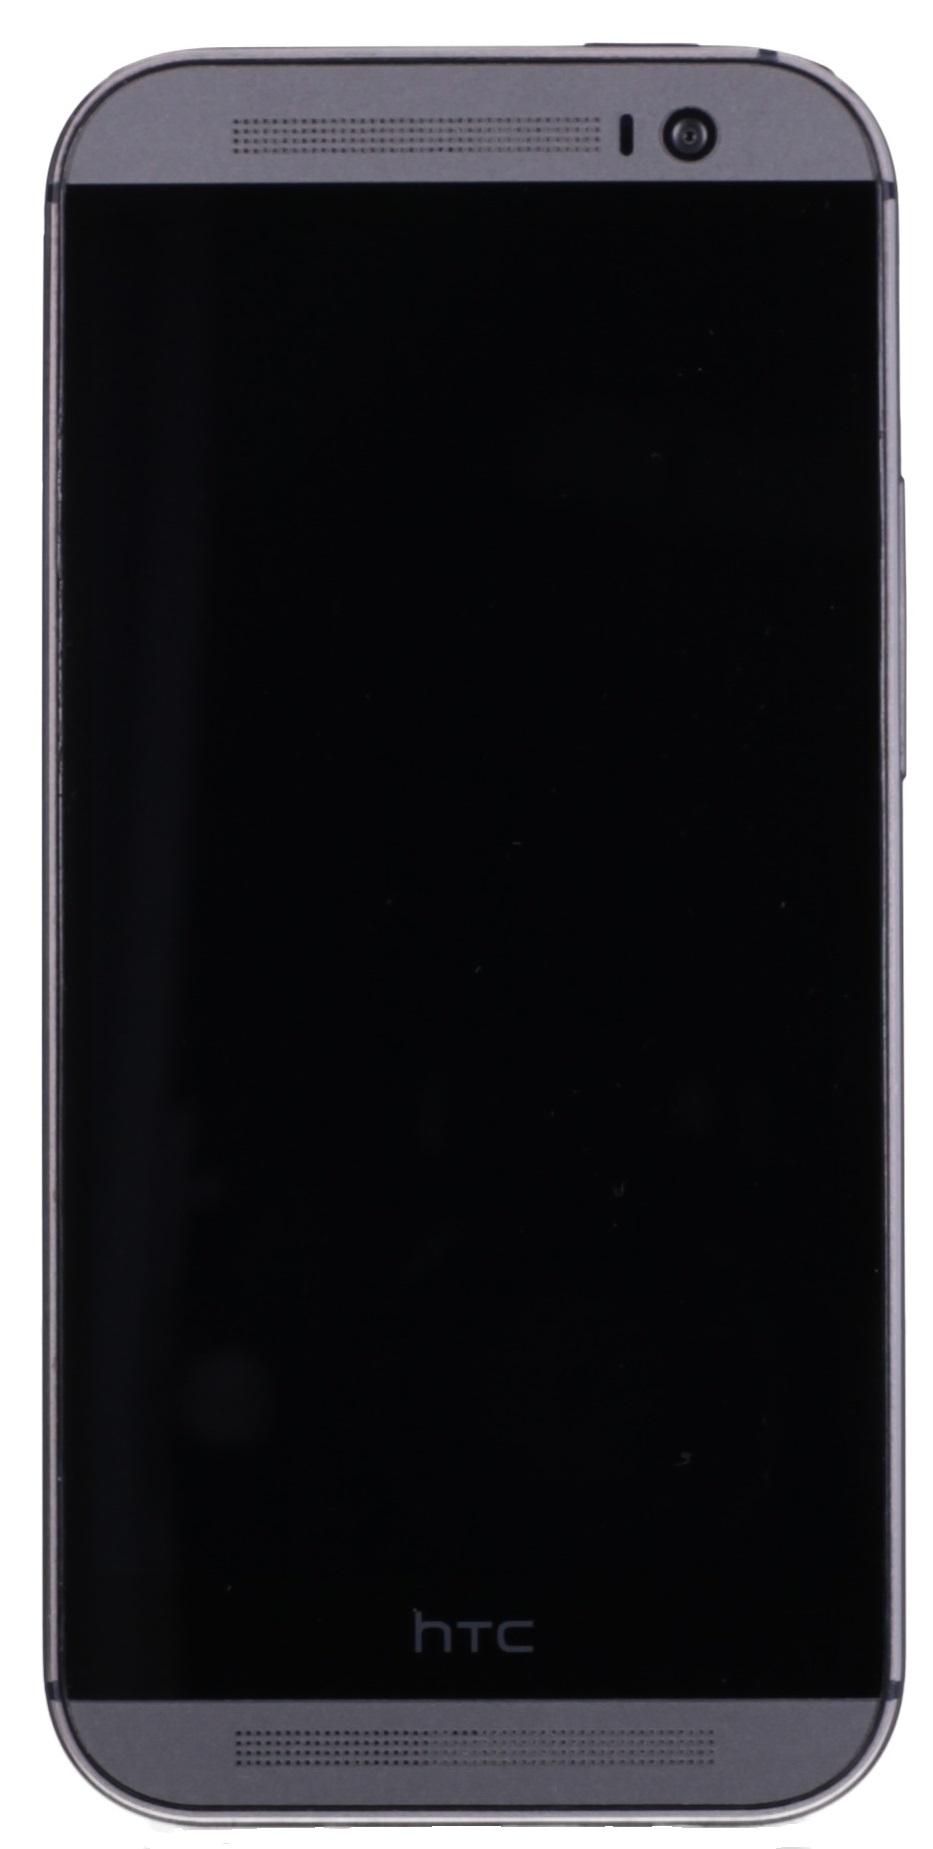 HTC One (M8) 16GB metall grau